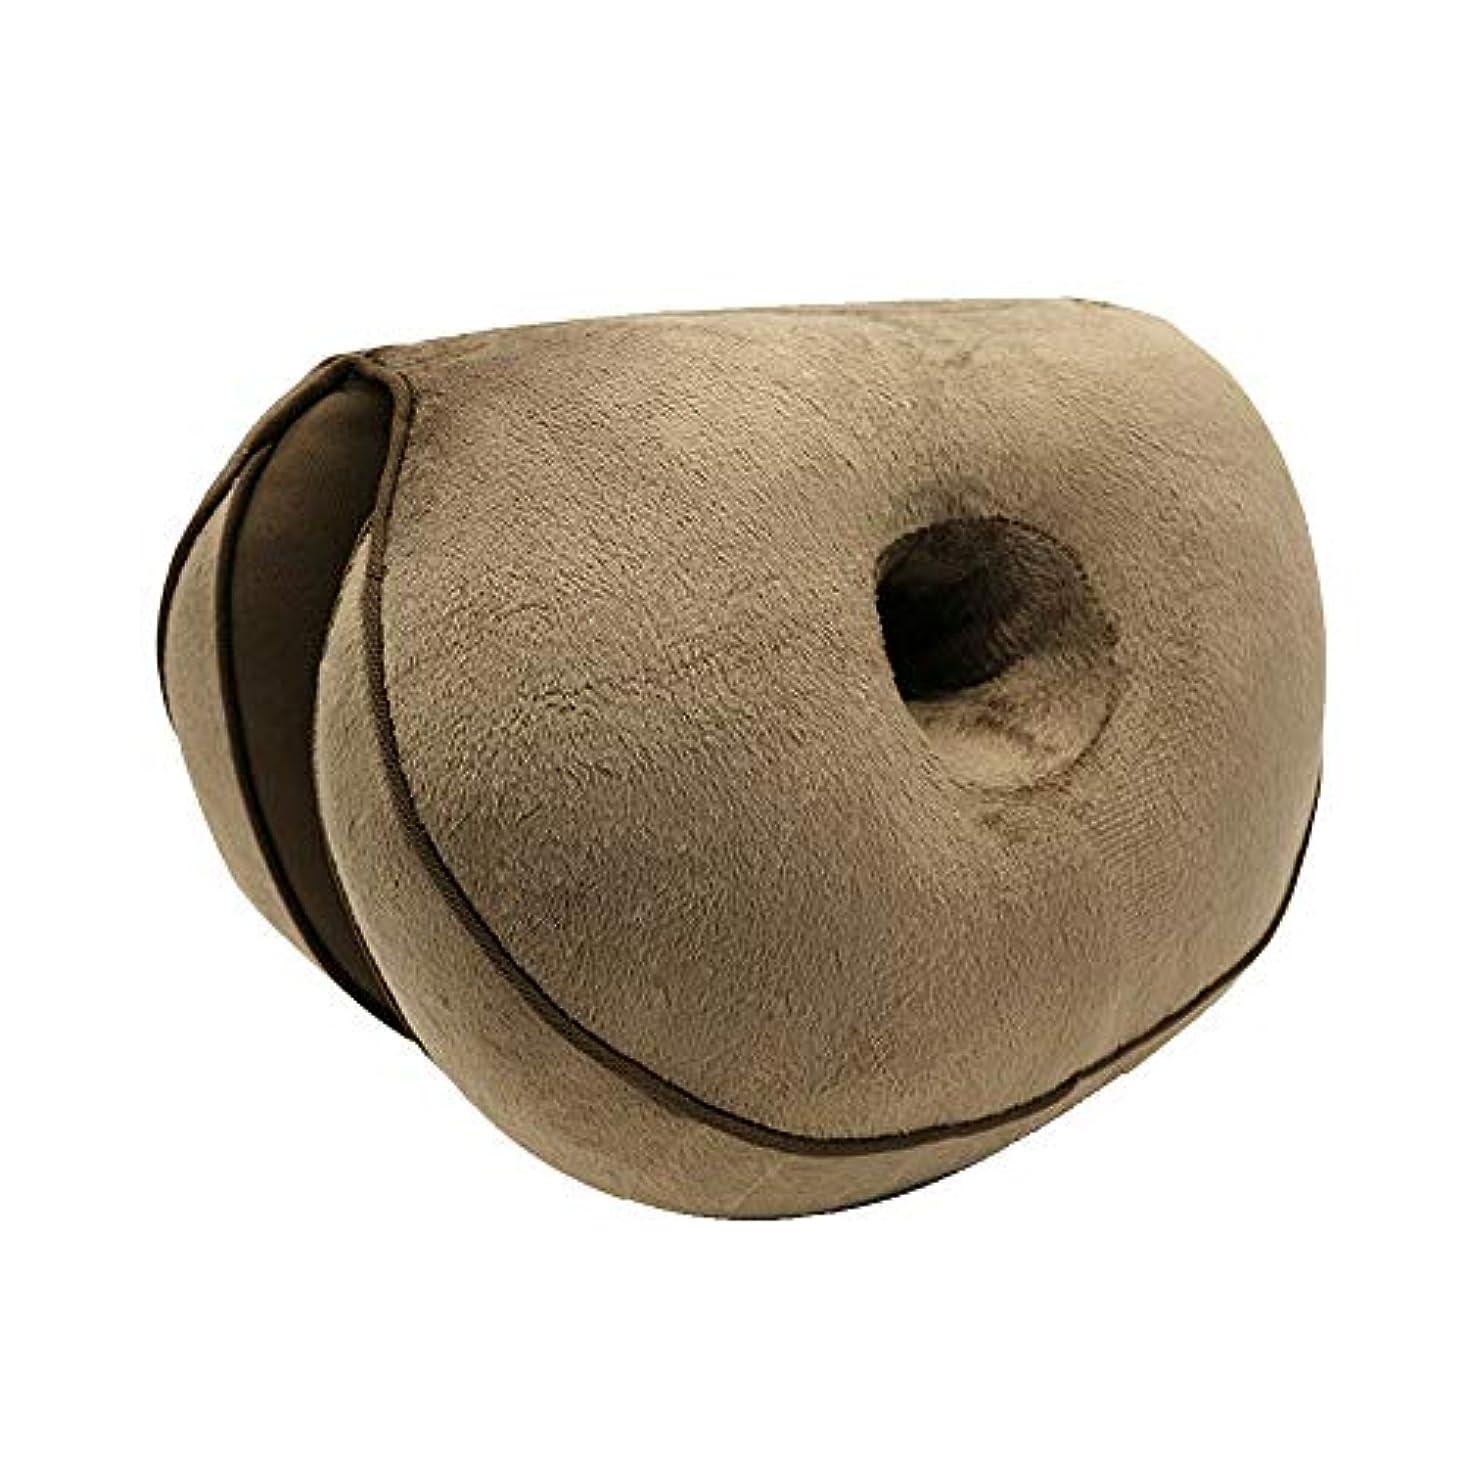 食欲その結果進むLIFE 新デュアルシートクッション低反発ラテックスオフィスチェアバックシートクッション快適な臀部マットパッド枕旅行枕女性女の子 クッション 椅子